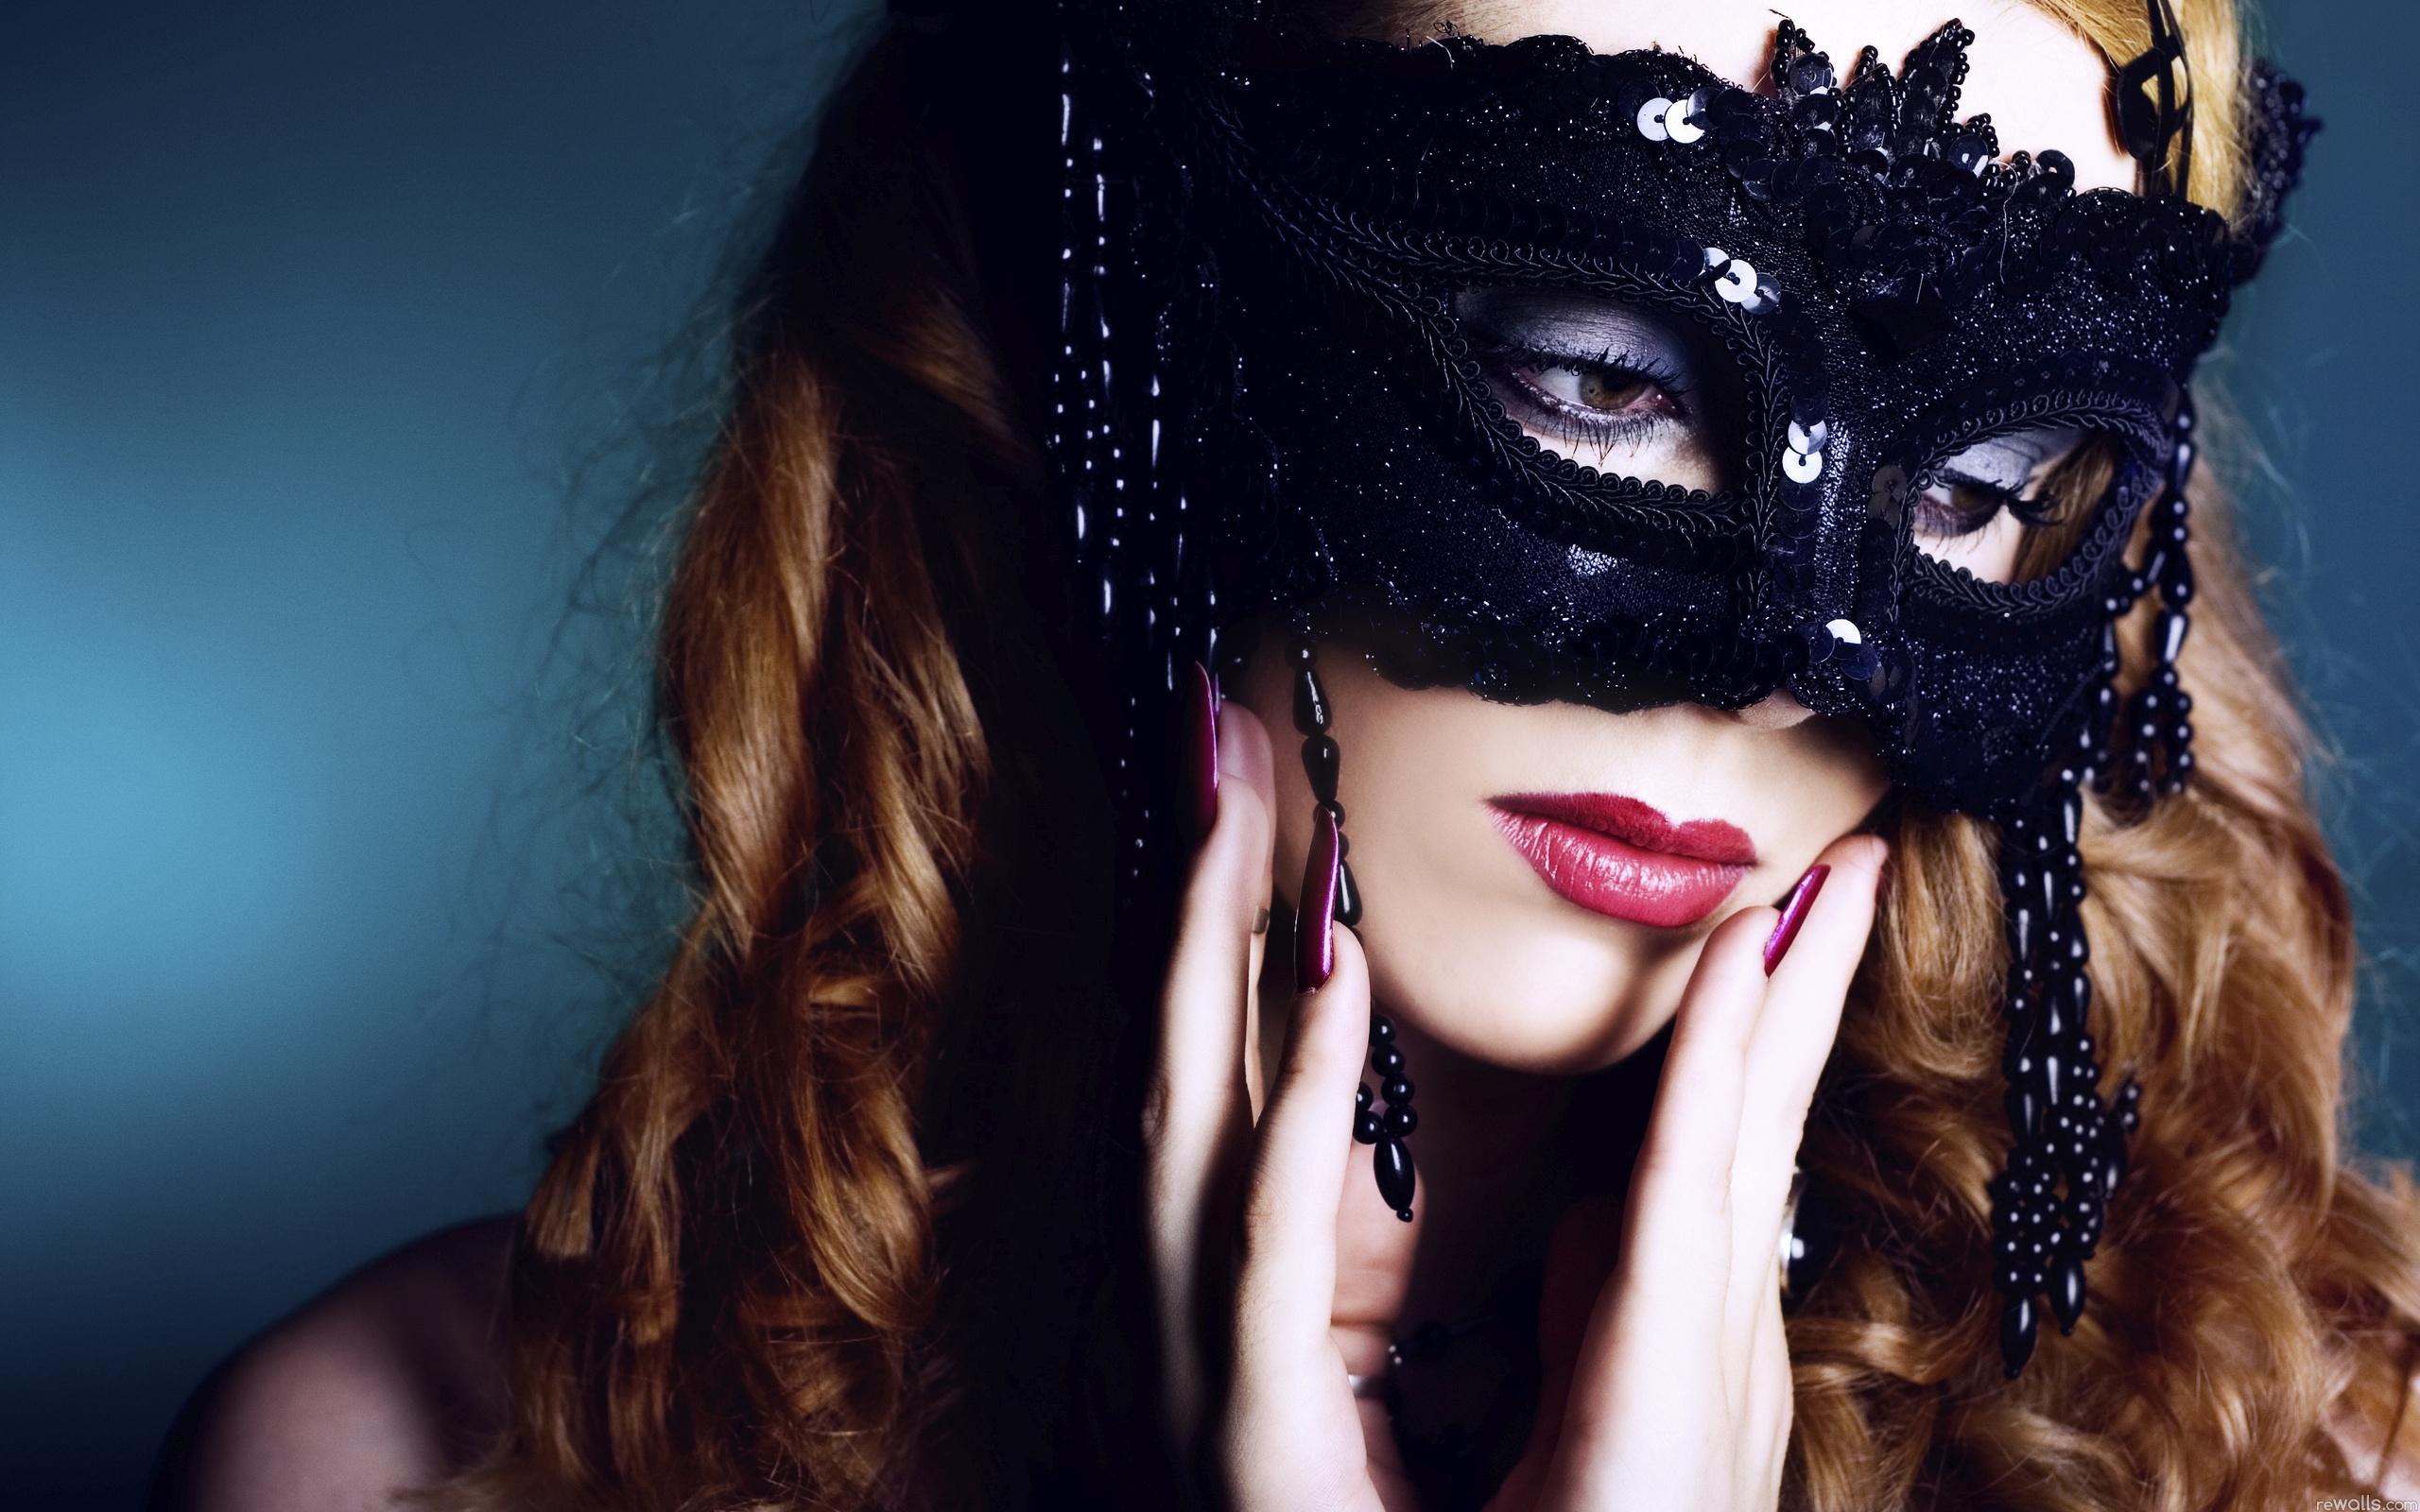 Фото девушки брюнетки в маске, мужик ебет и снимает все на камеру